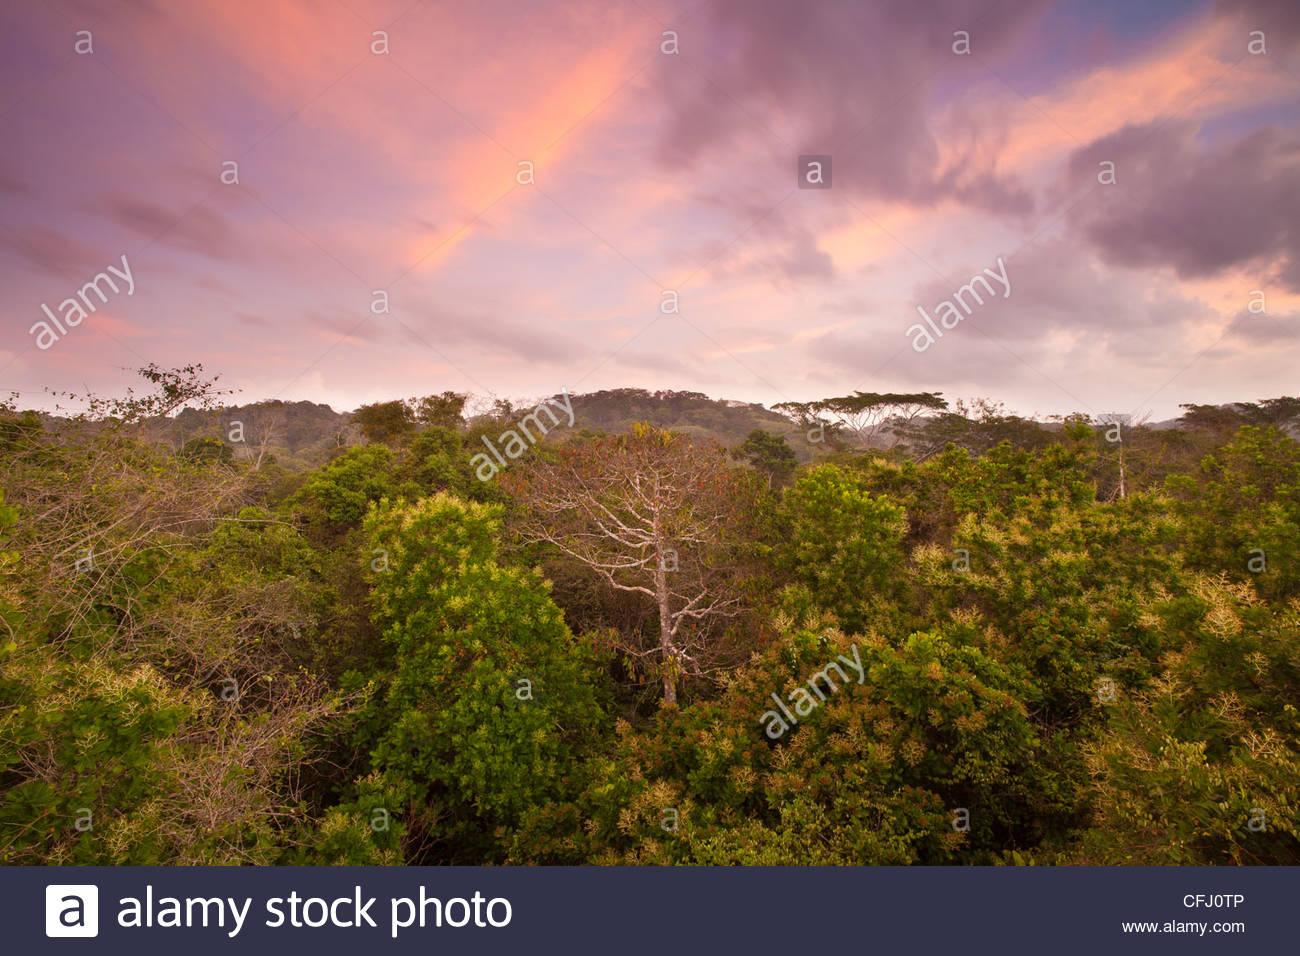 Morgendämmerung im Regenwald von Soberania Nationalpark, Republik von Panama.Stockfoto